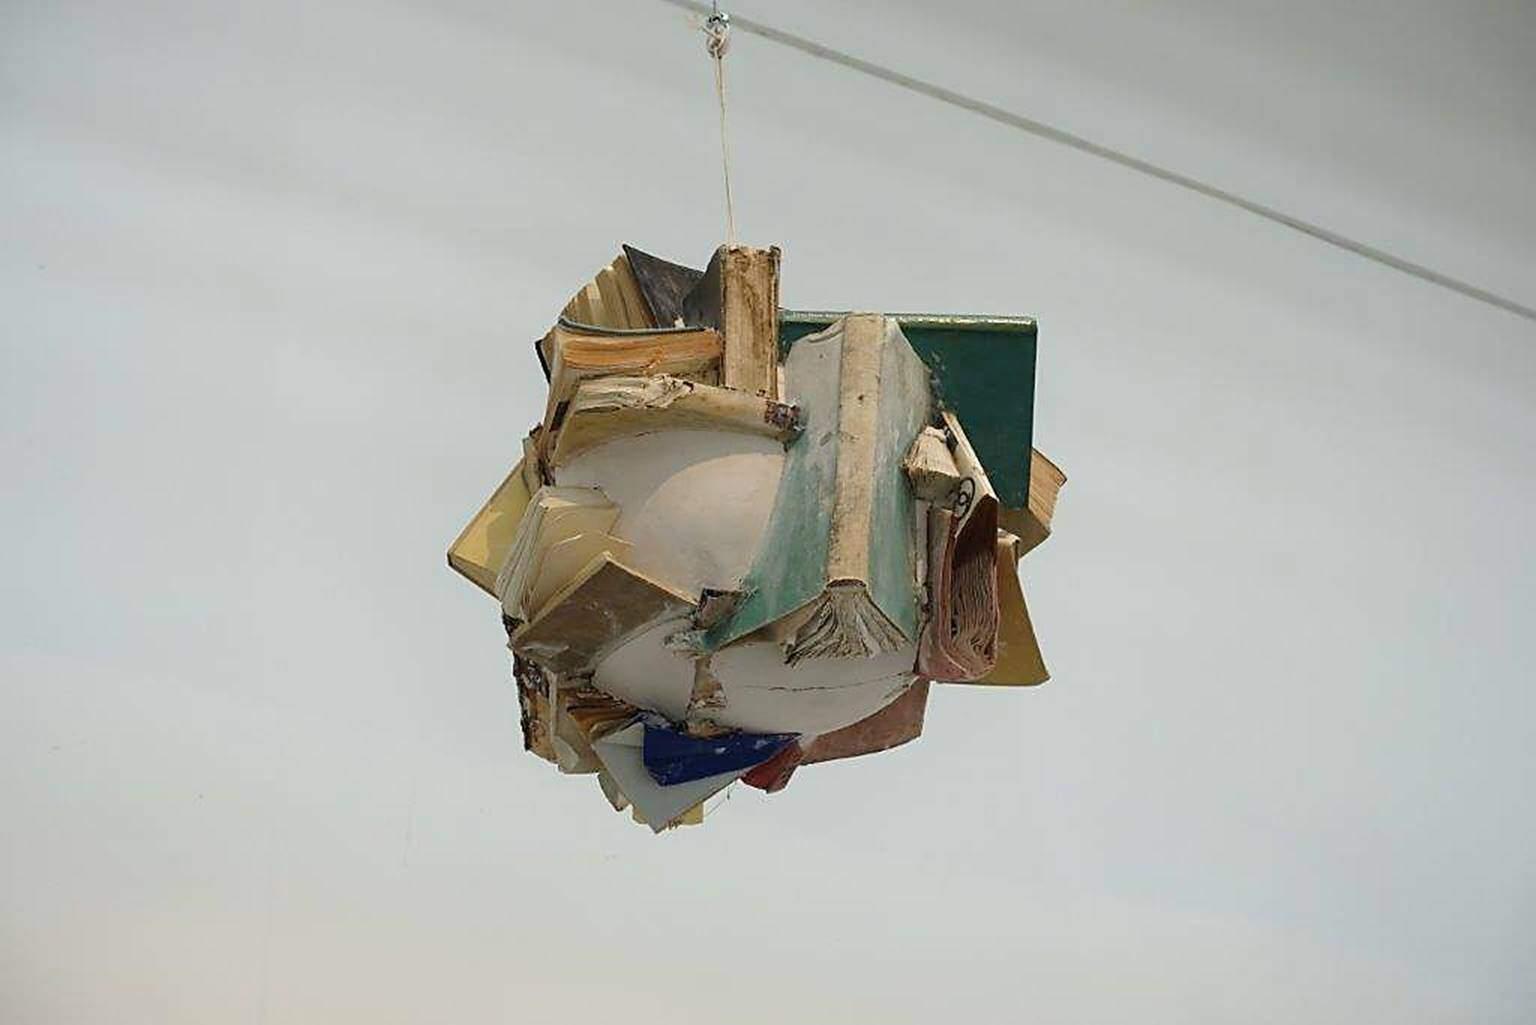 İsimsiz No. 11, John Latham (1921-2006), Kitap parçaları ve alçı, 1992. Fotoğraf: Füsun Kavrakoğlu, Venedik Bienali, 2017.